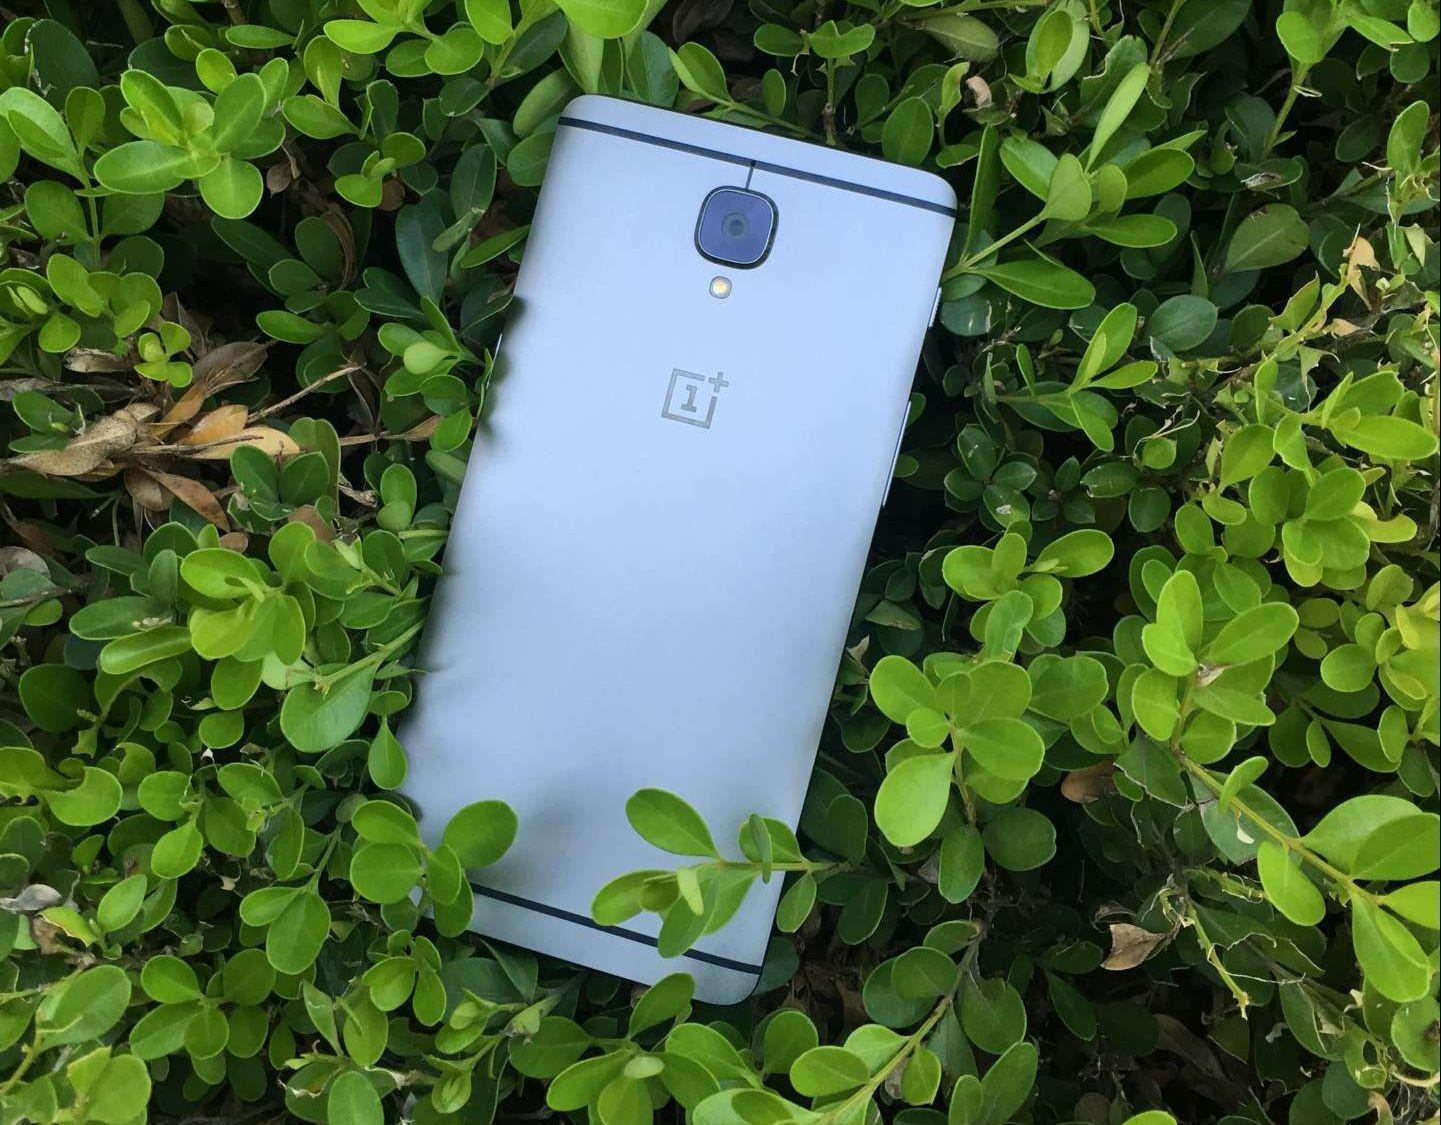 Le OnePlus3 surpris en pleine nature quelques heures avant son annonce